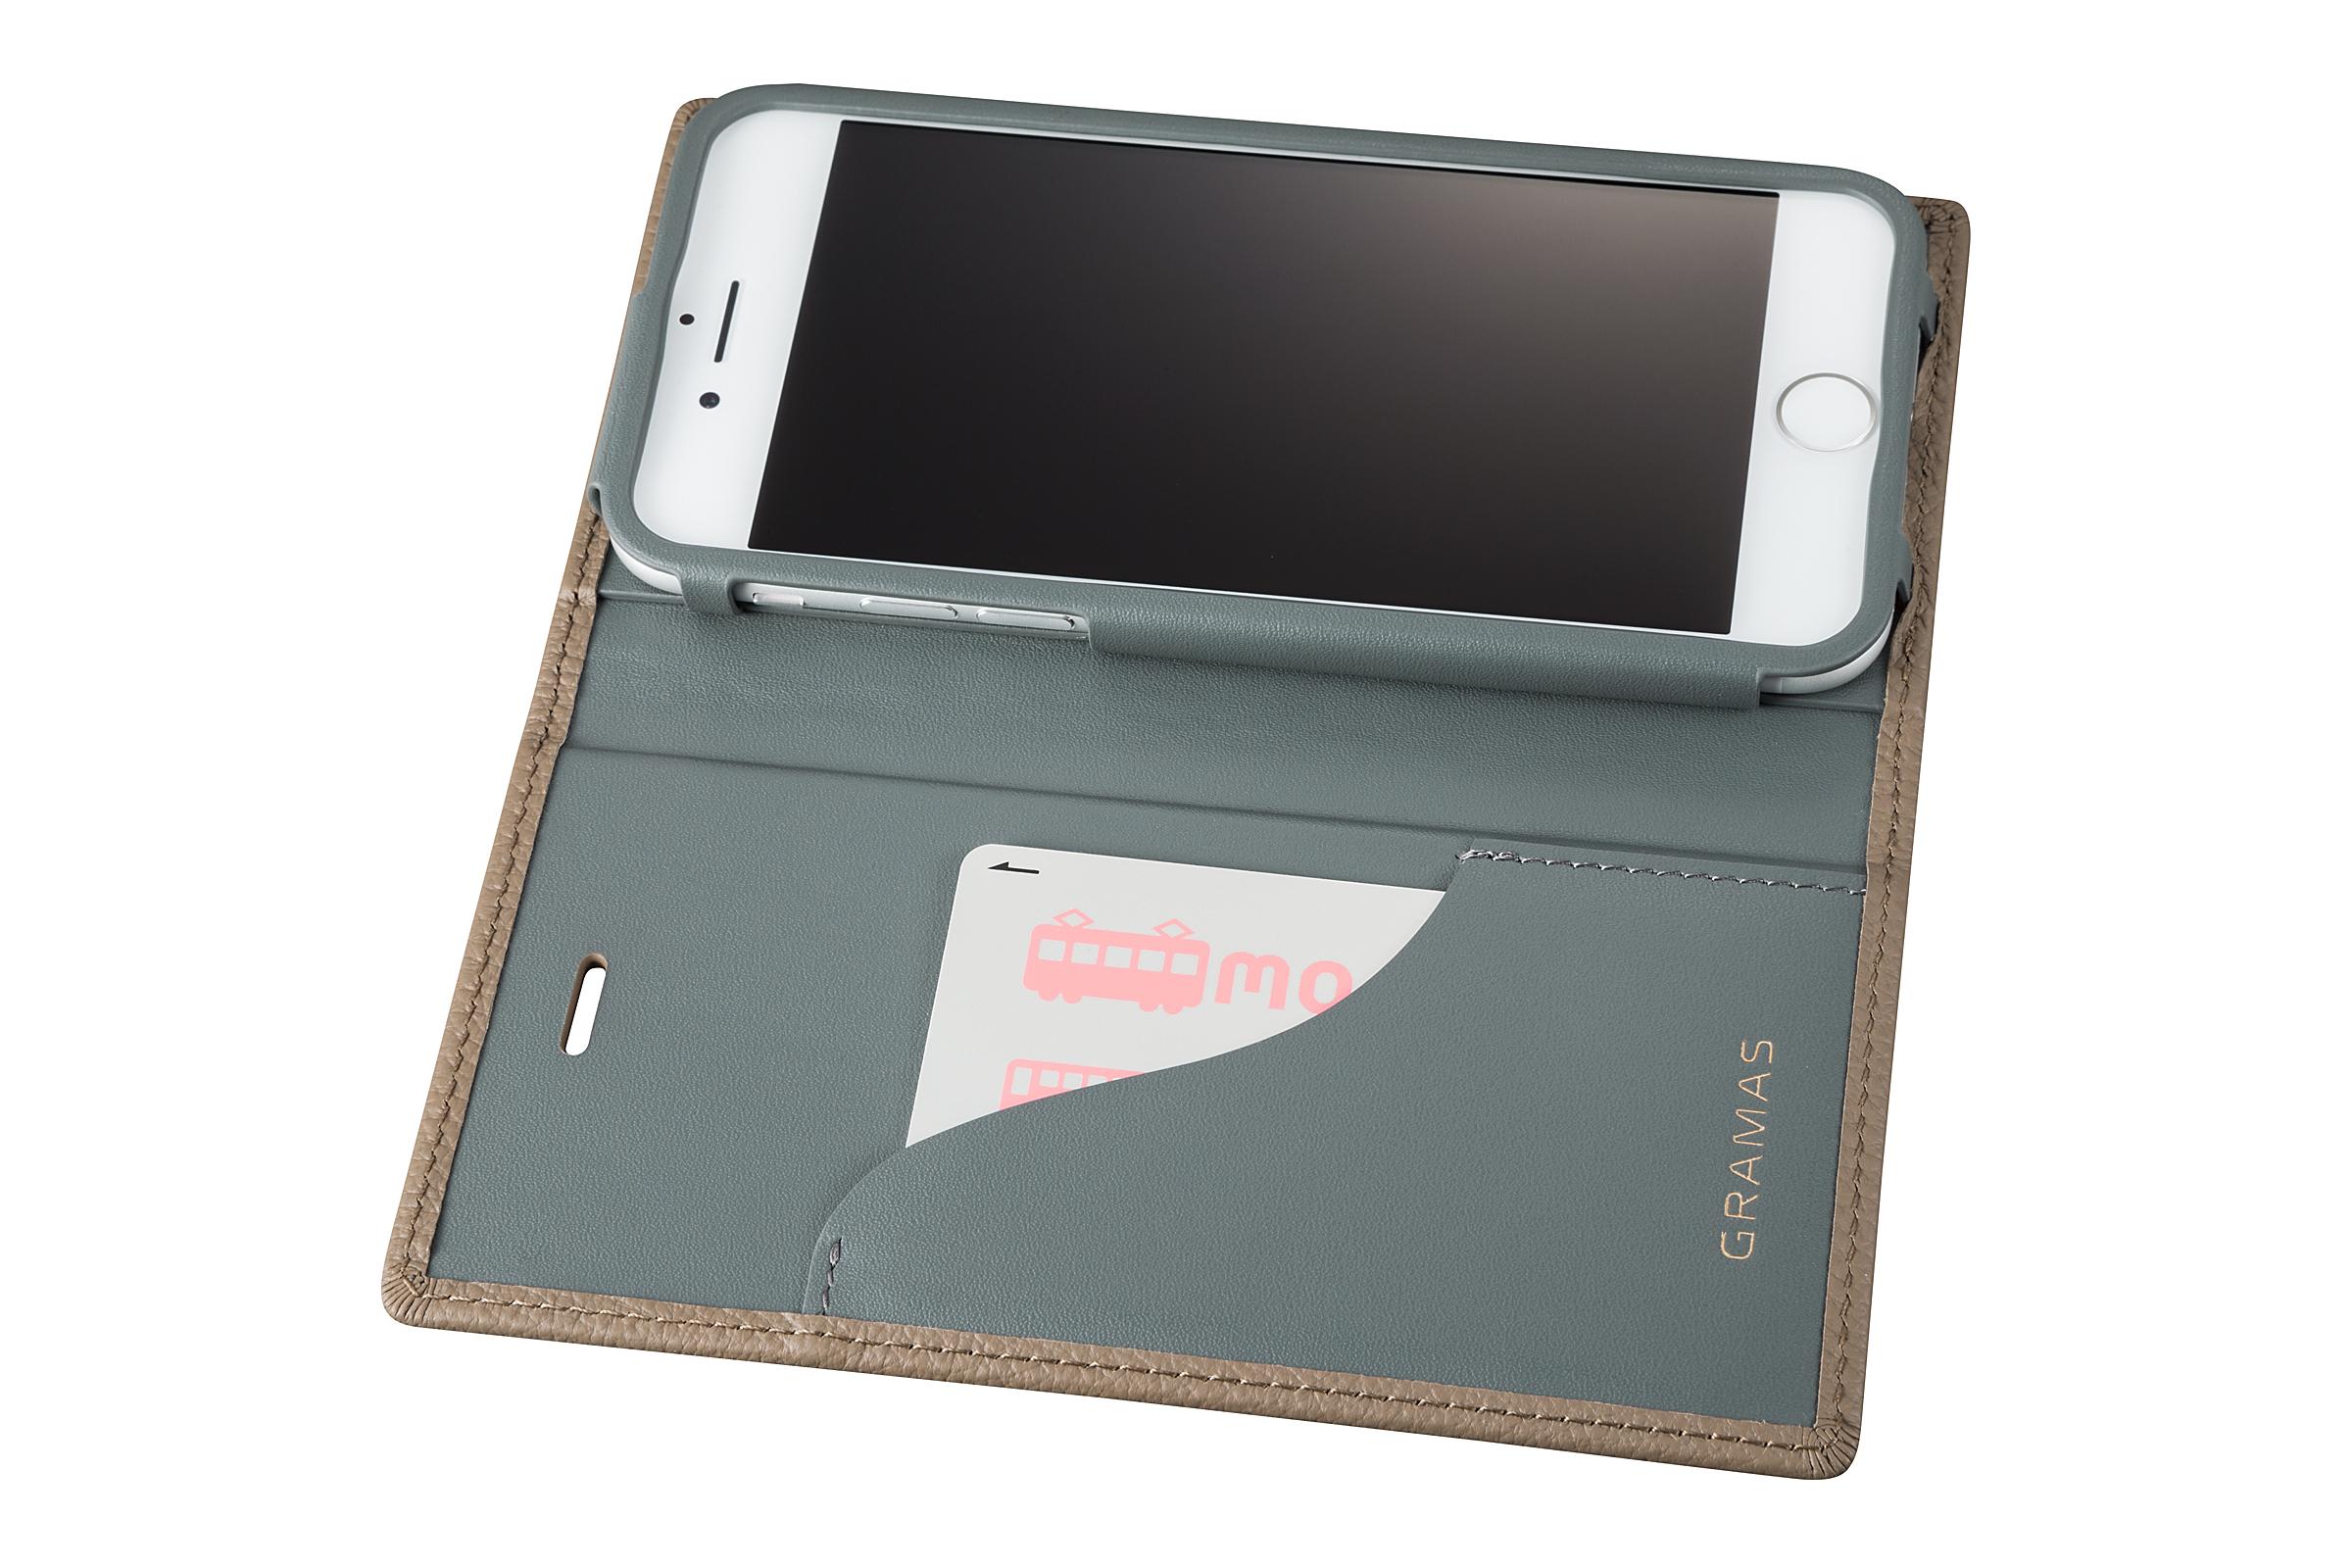 GRAMAS Shrunken-calf Full Leather Case for iPhone 7(Taupe(トープ)) シュランケンカーフ 手帳型フルレザーケース GLC646TP - 画像4